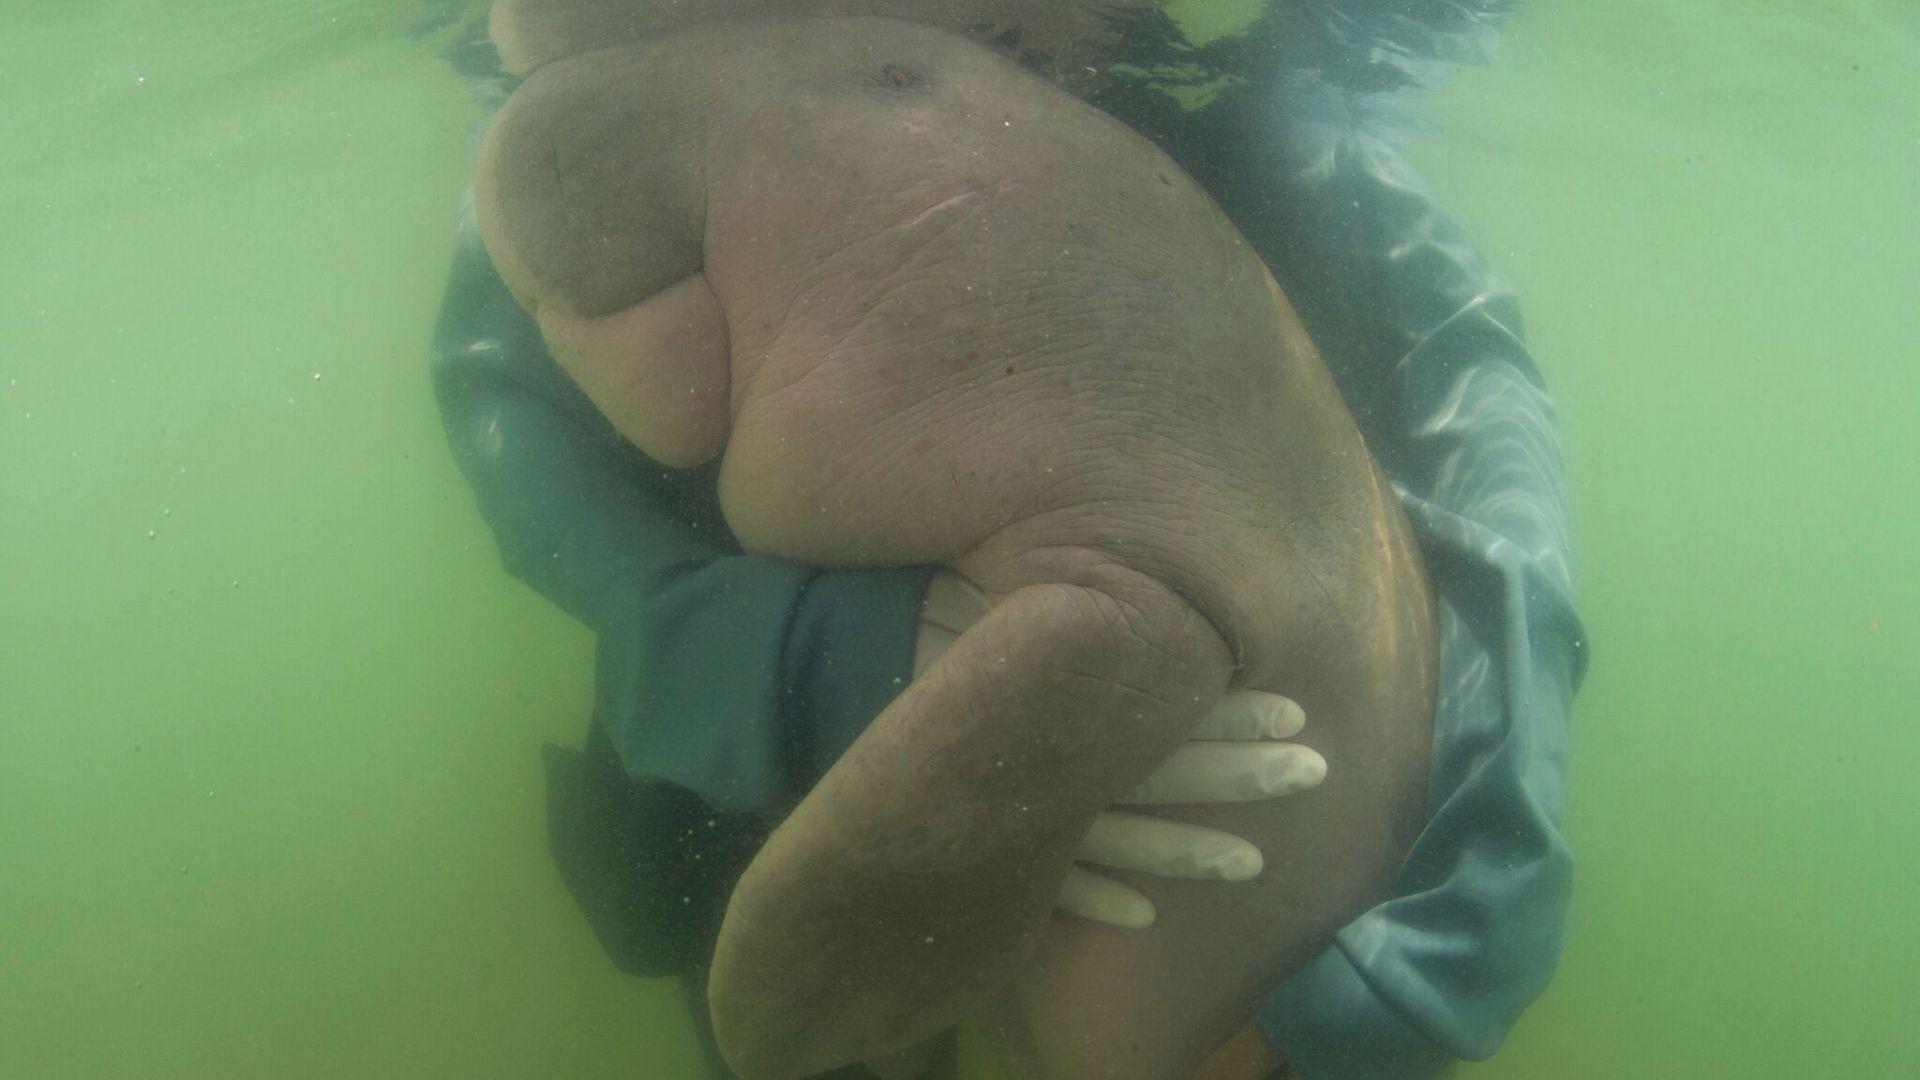 Почина спасено бебе дюгон, погълнало пластмаси (видео)